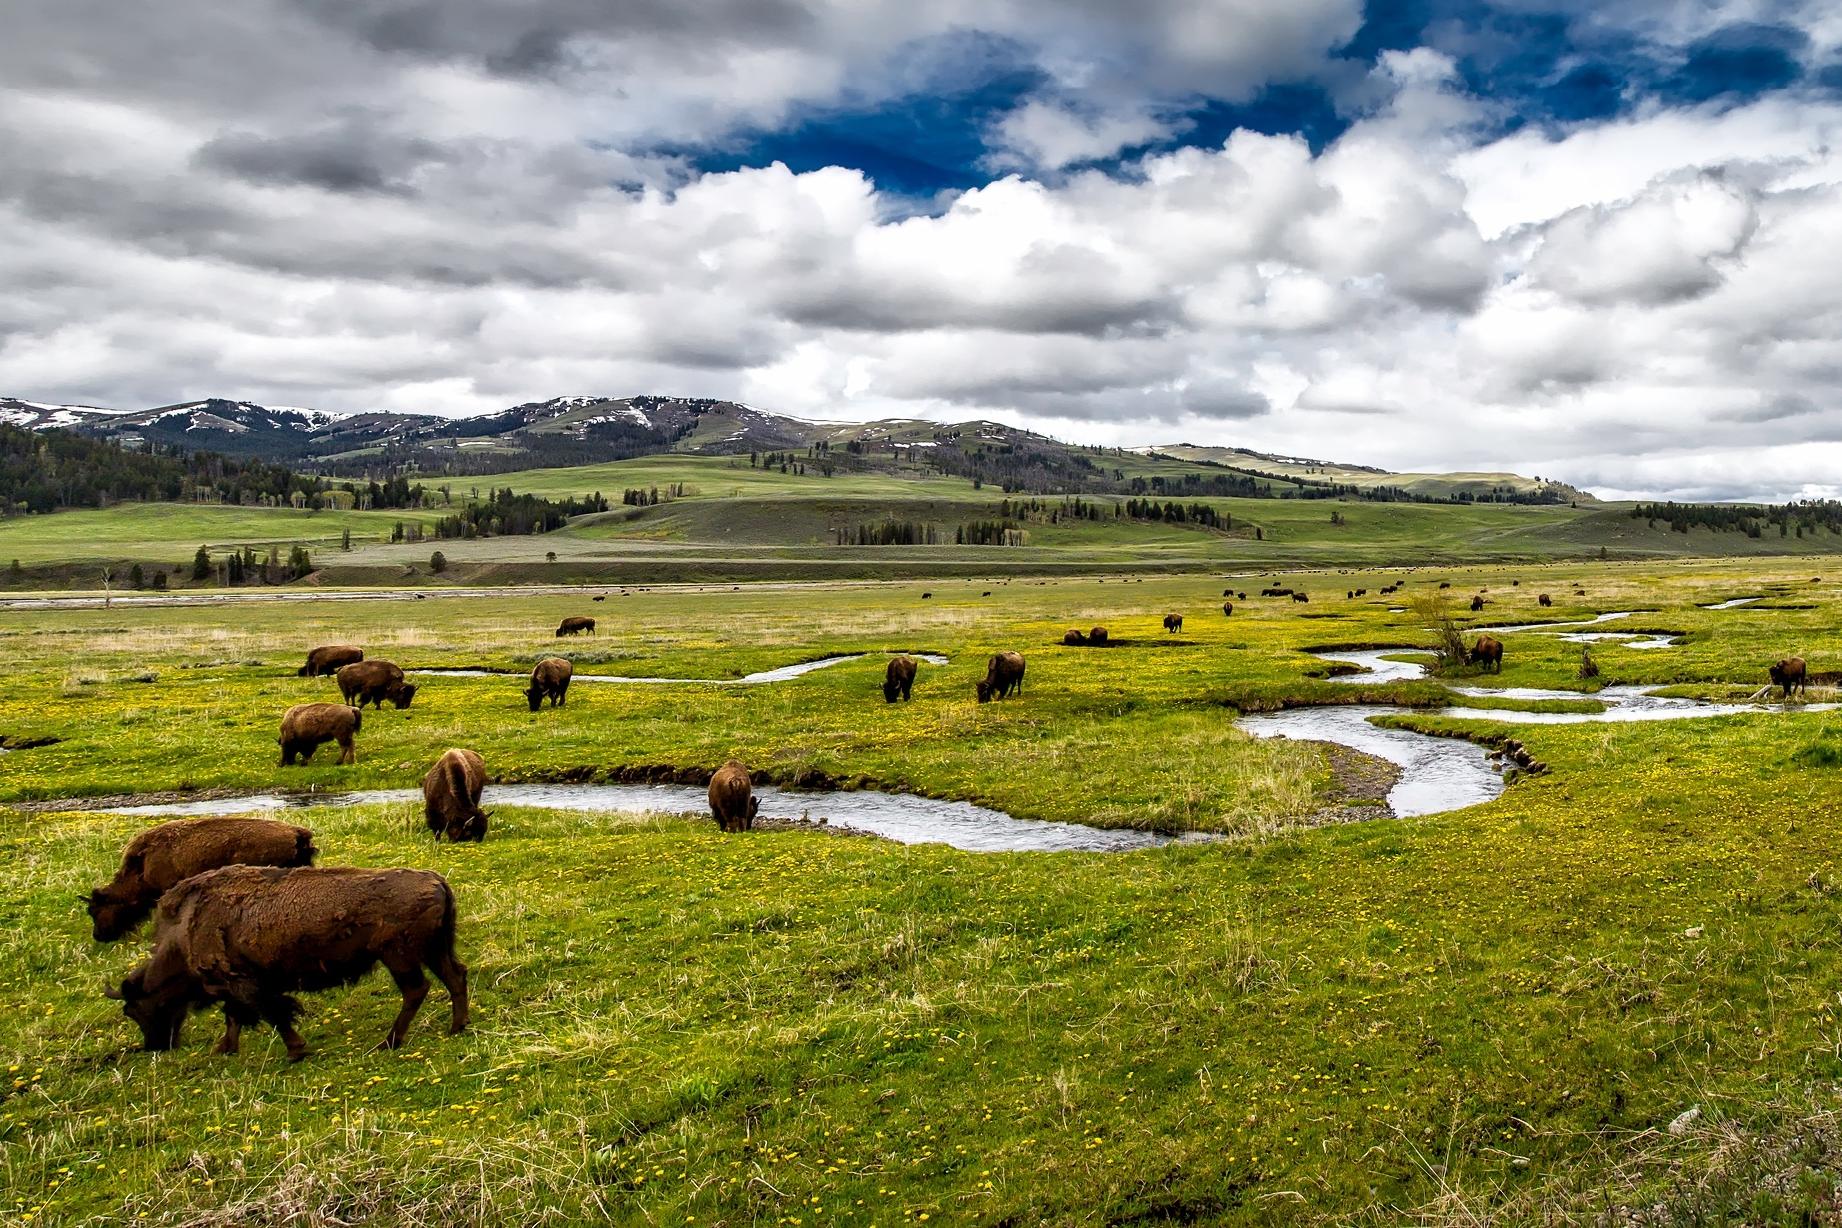 landscape-water-nature-grass-wilderness-mountain-437409-pxhere.com.jpg